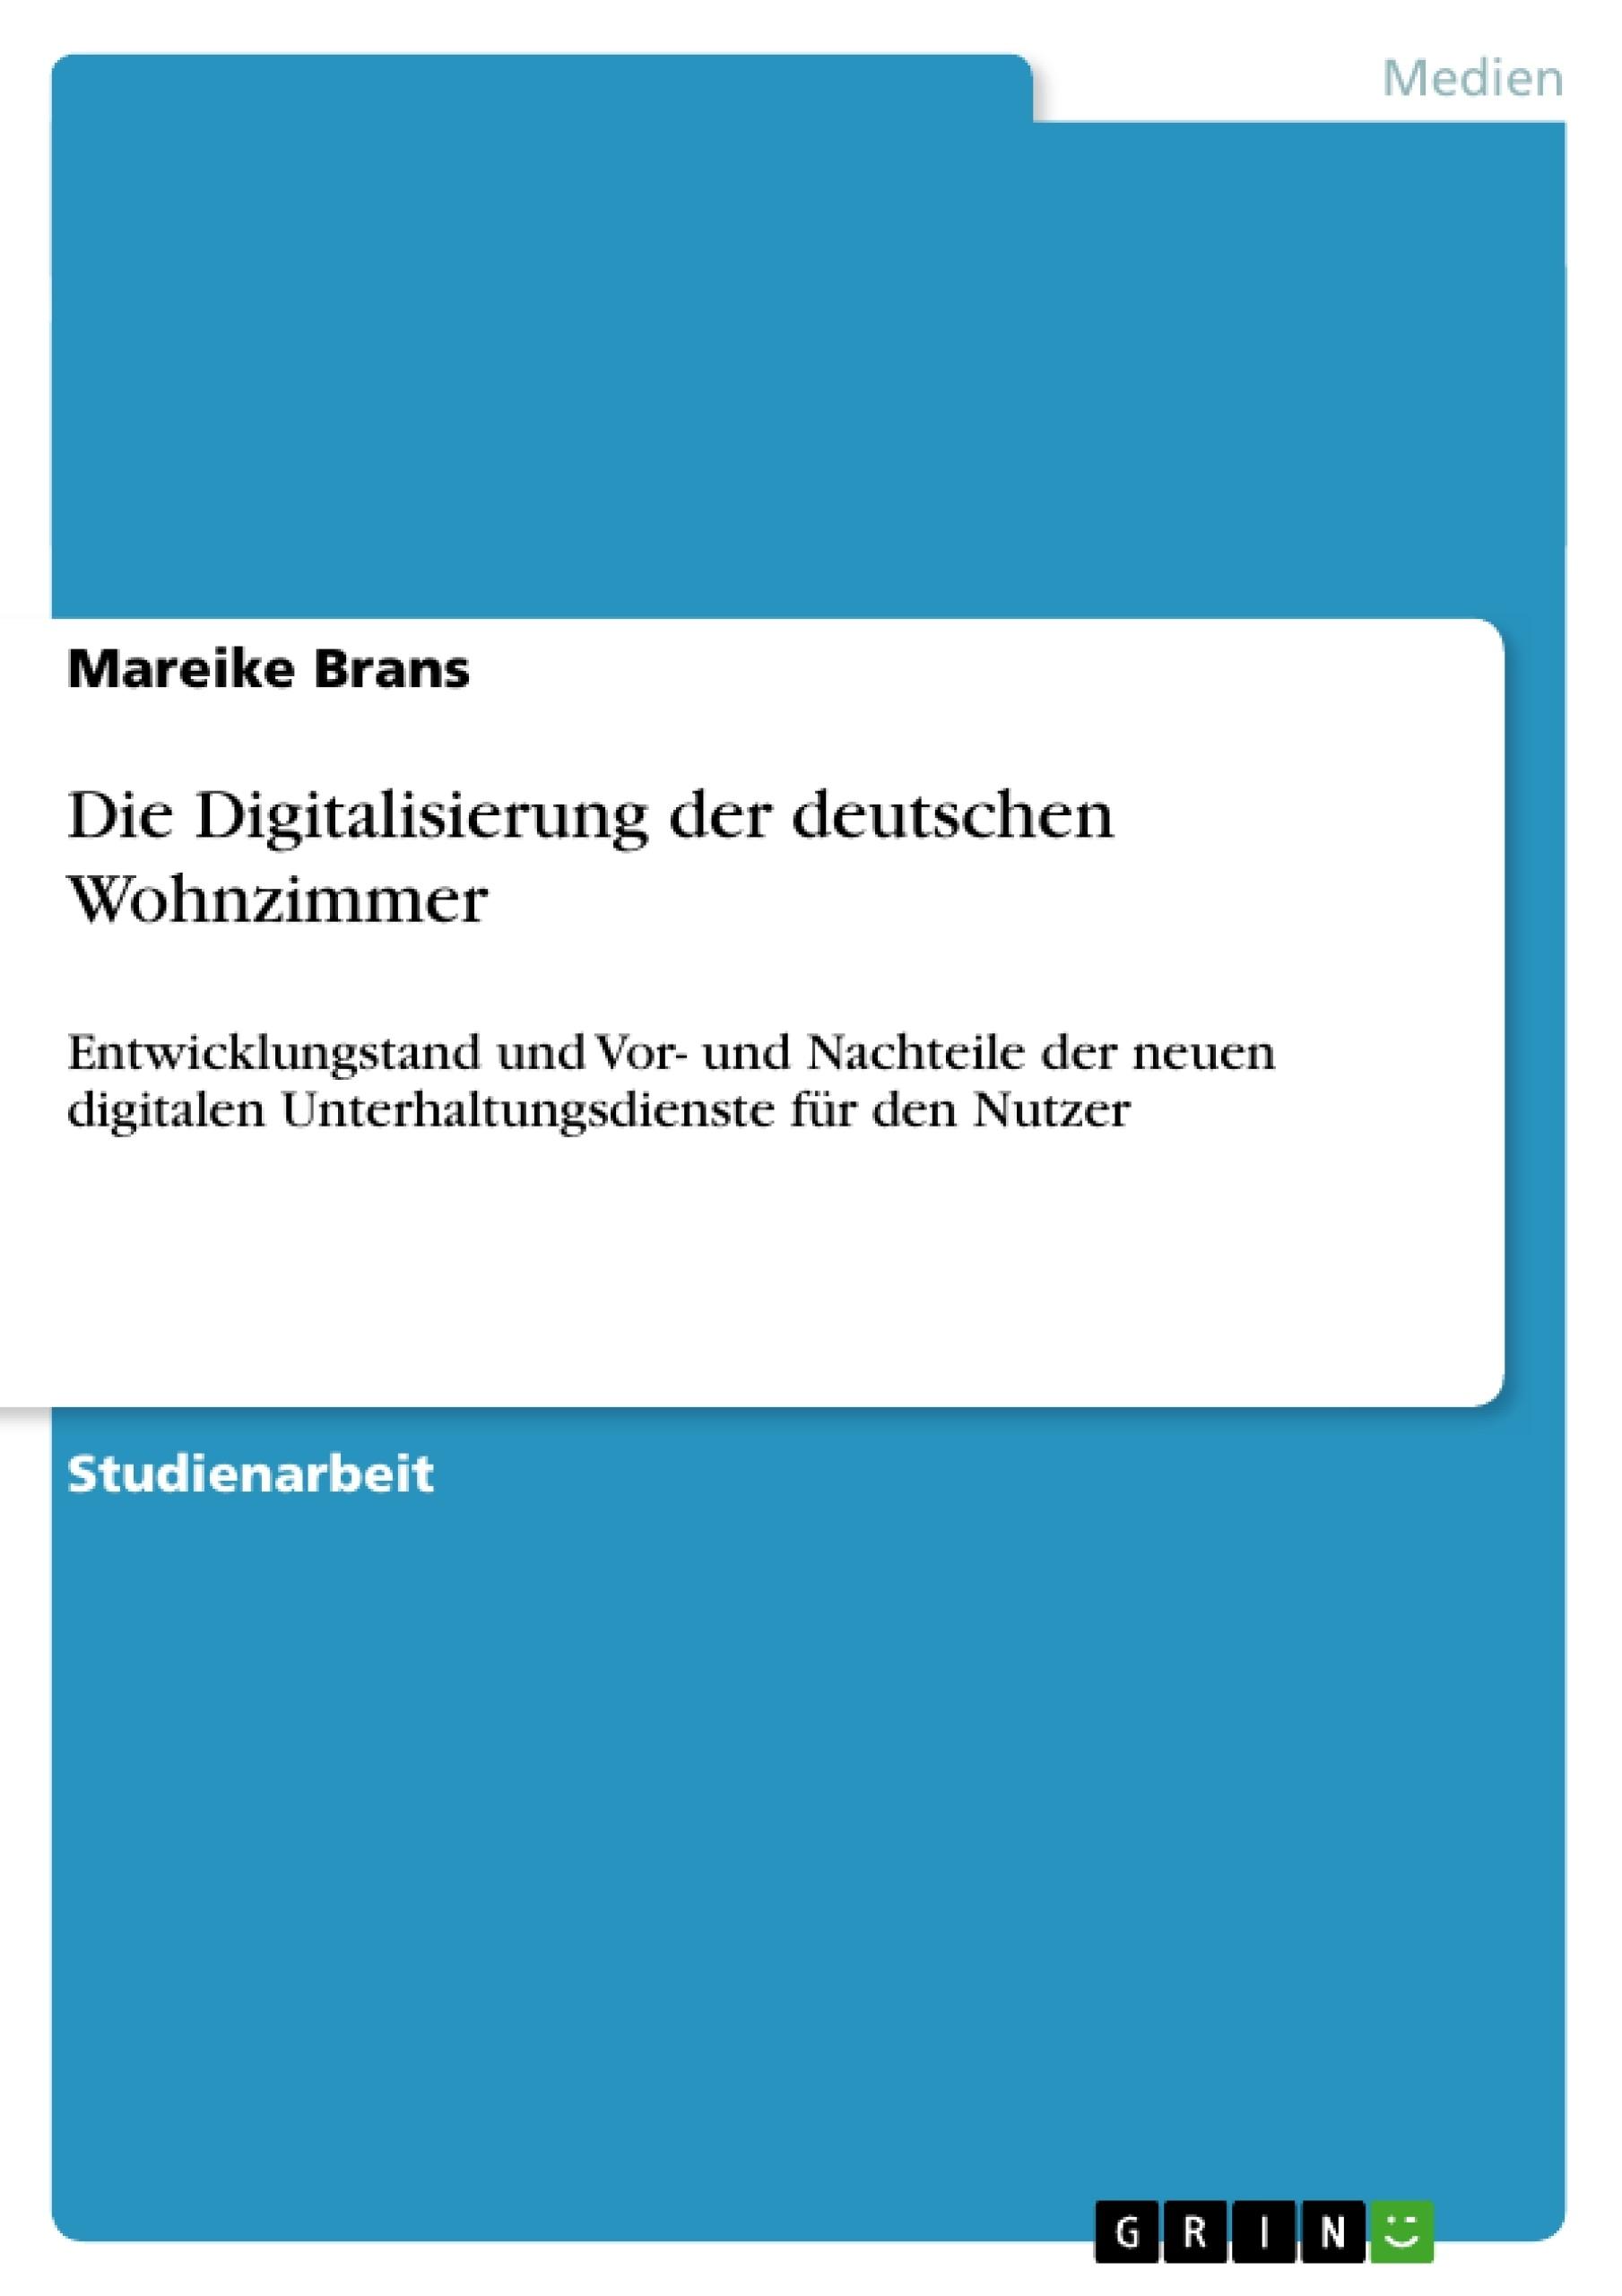 Titel: Die Digitalisierung der deutschen Wohnzimmer